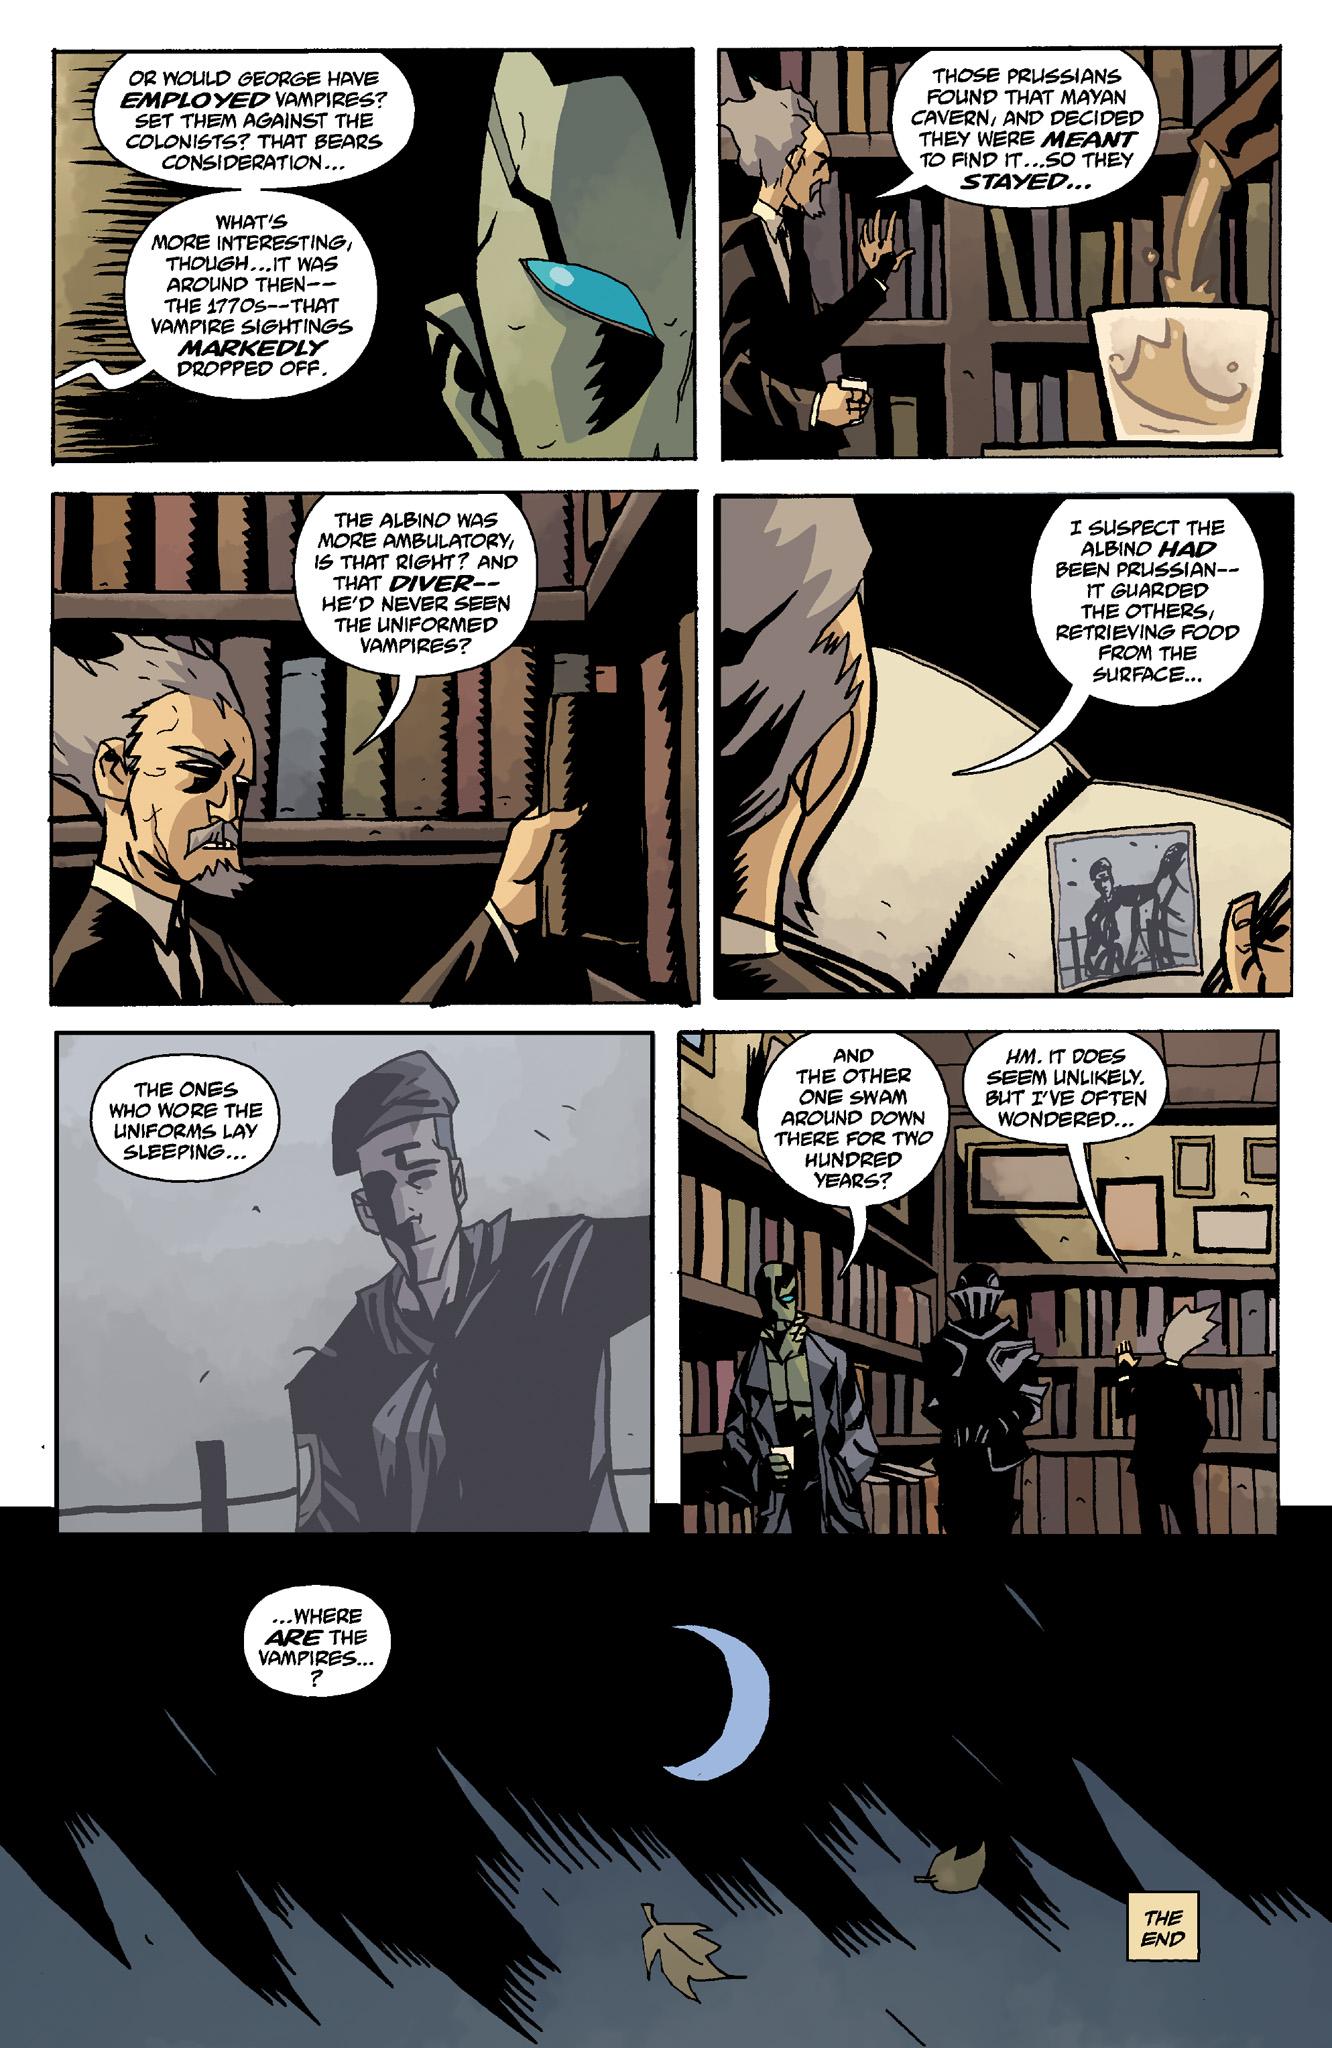 Read online Abe Sapien comic -  Issue #8 - 24